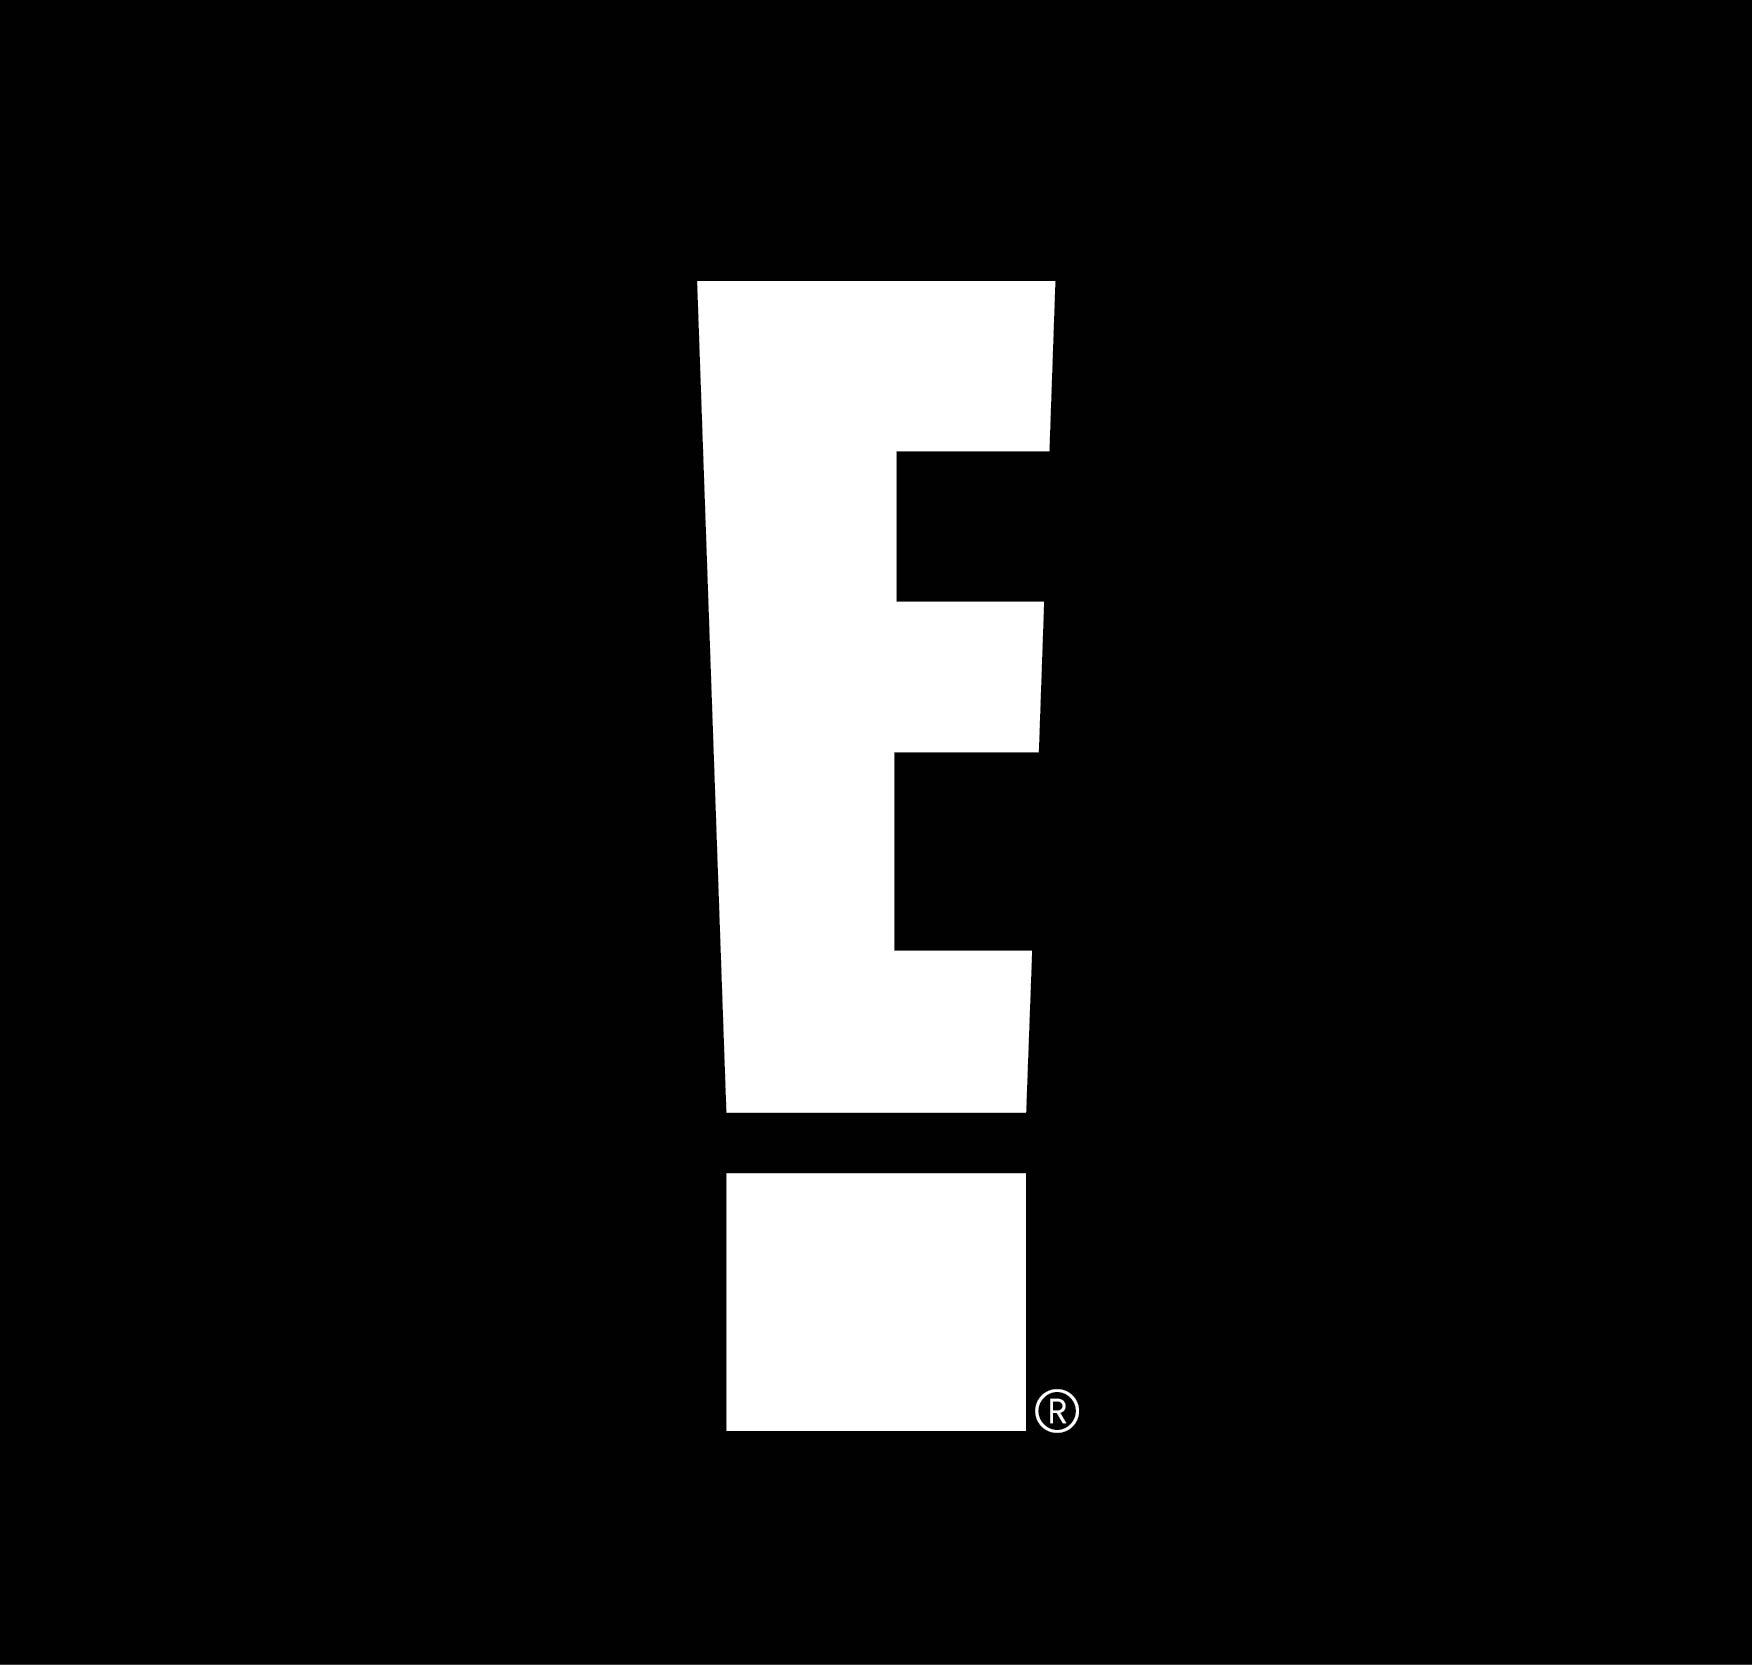 E_LOGO_WhiteFlat-01.jpg